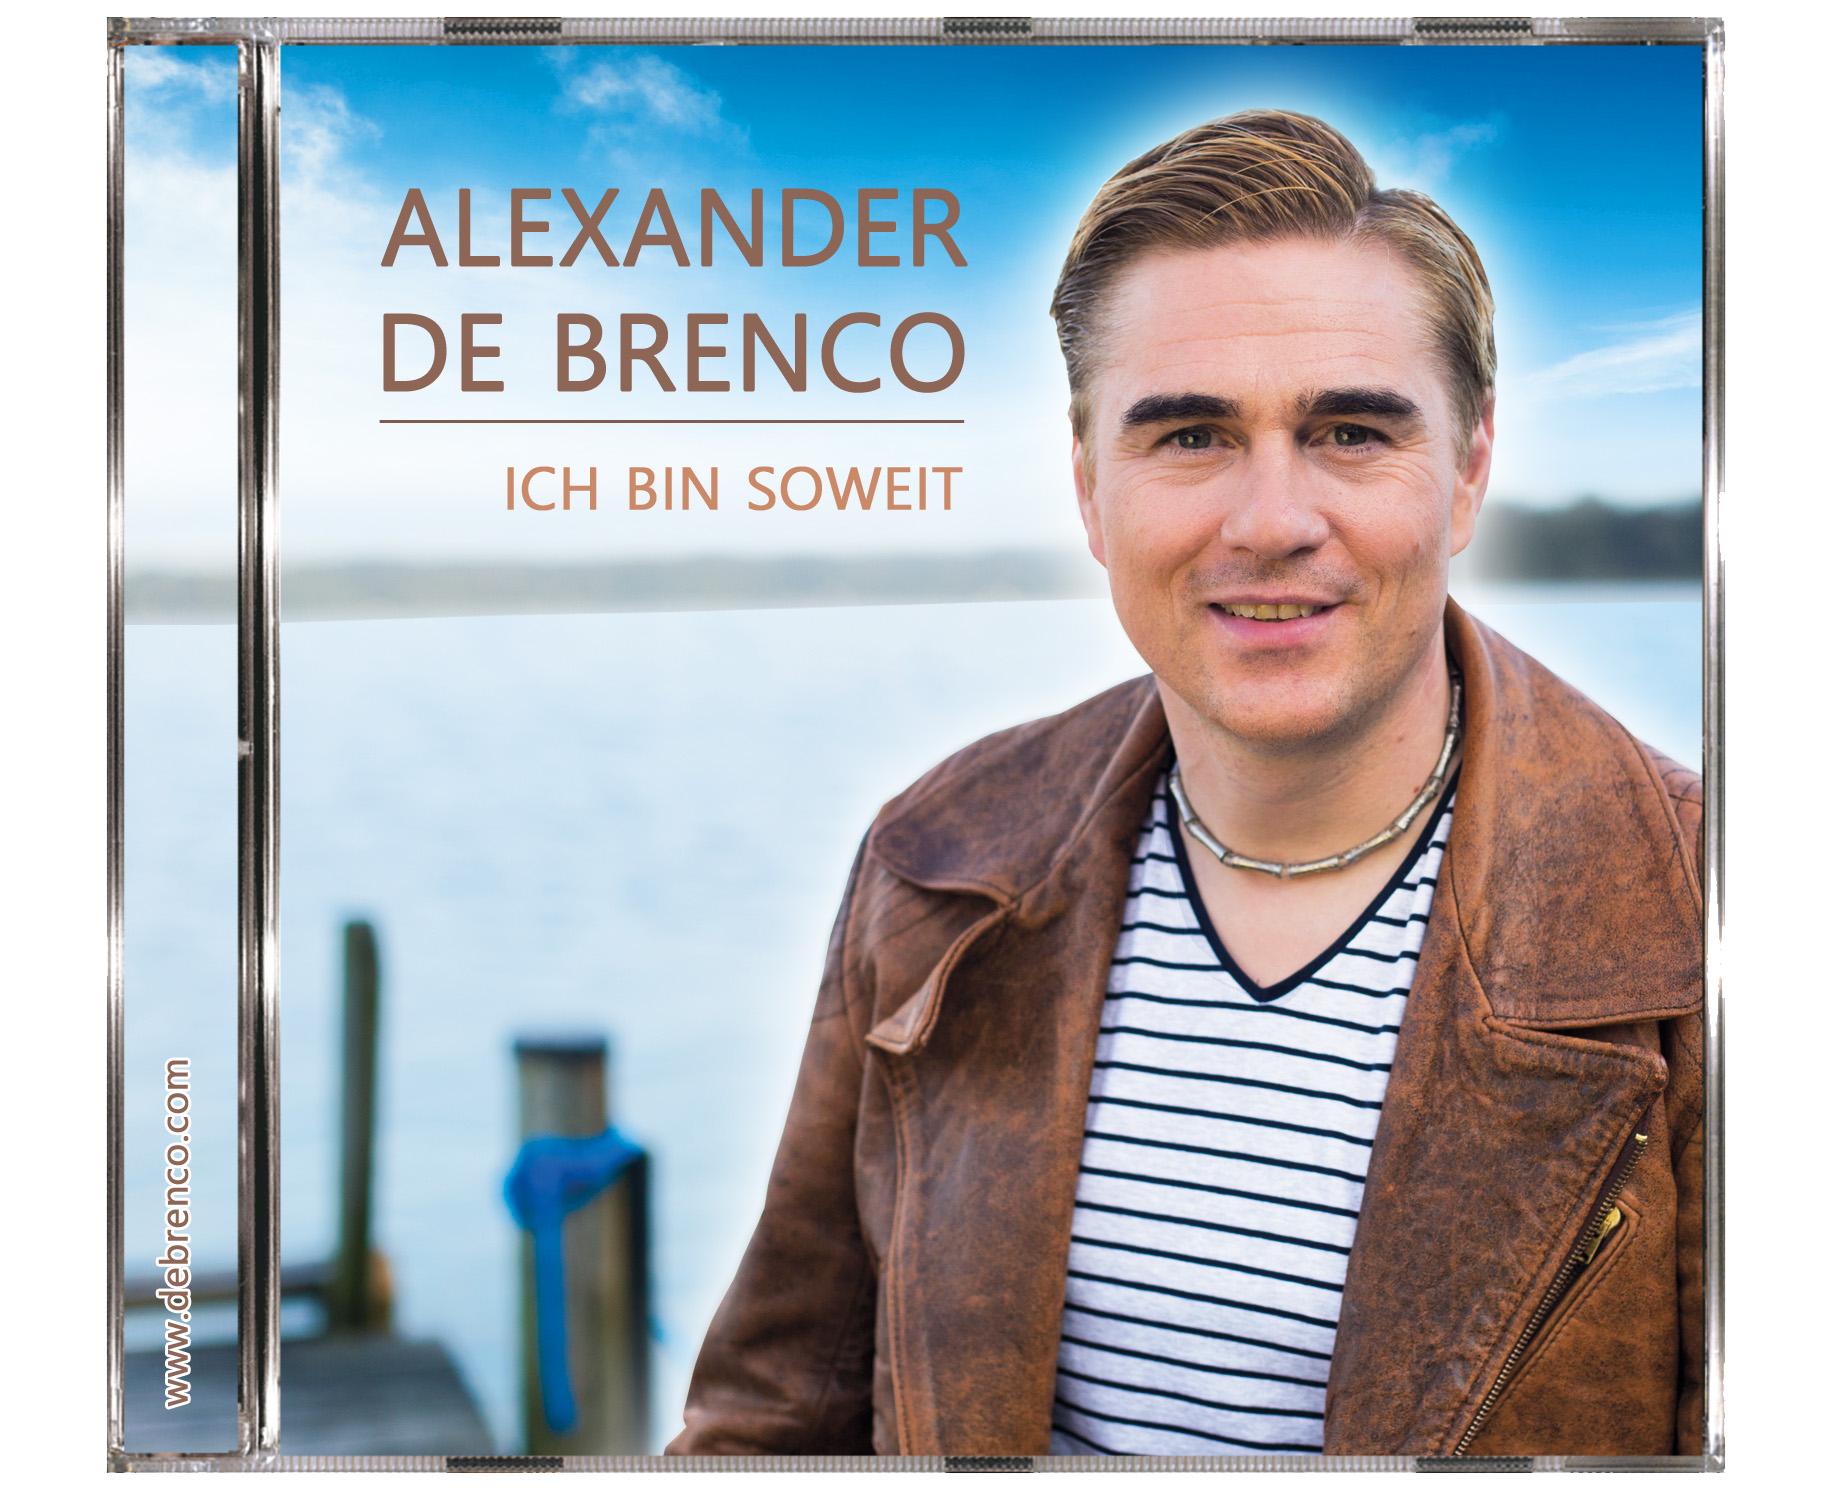 Alexander de Brenco Album Ich bin soweit